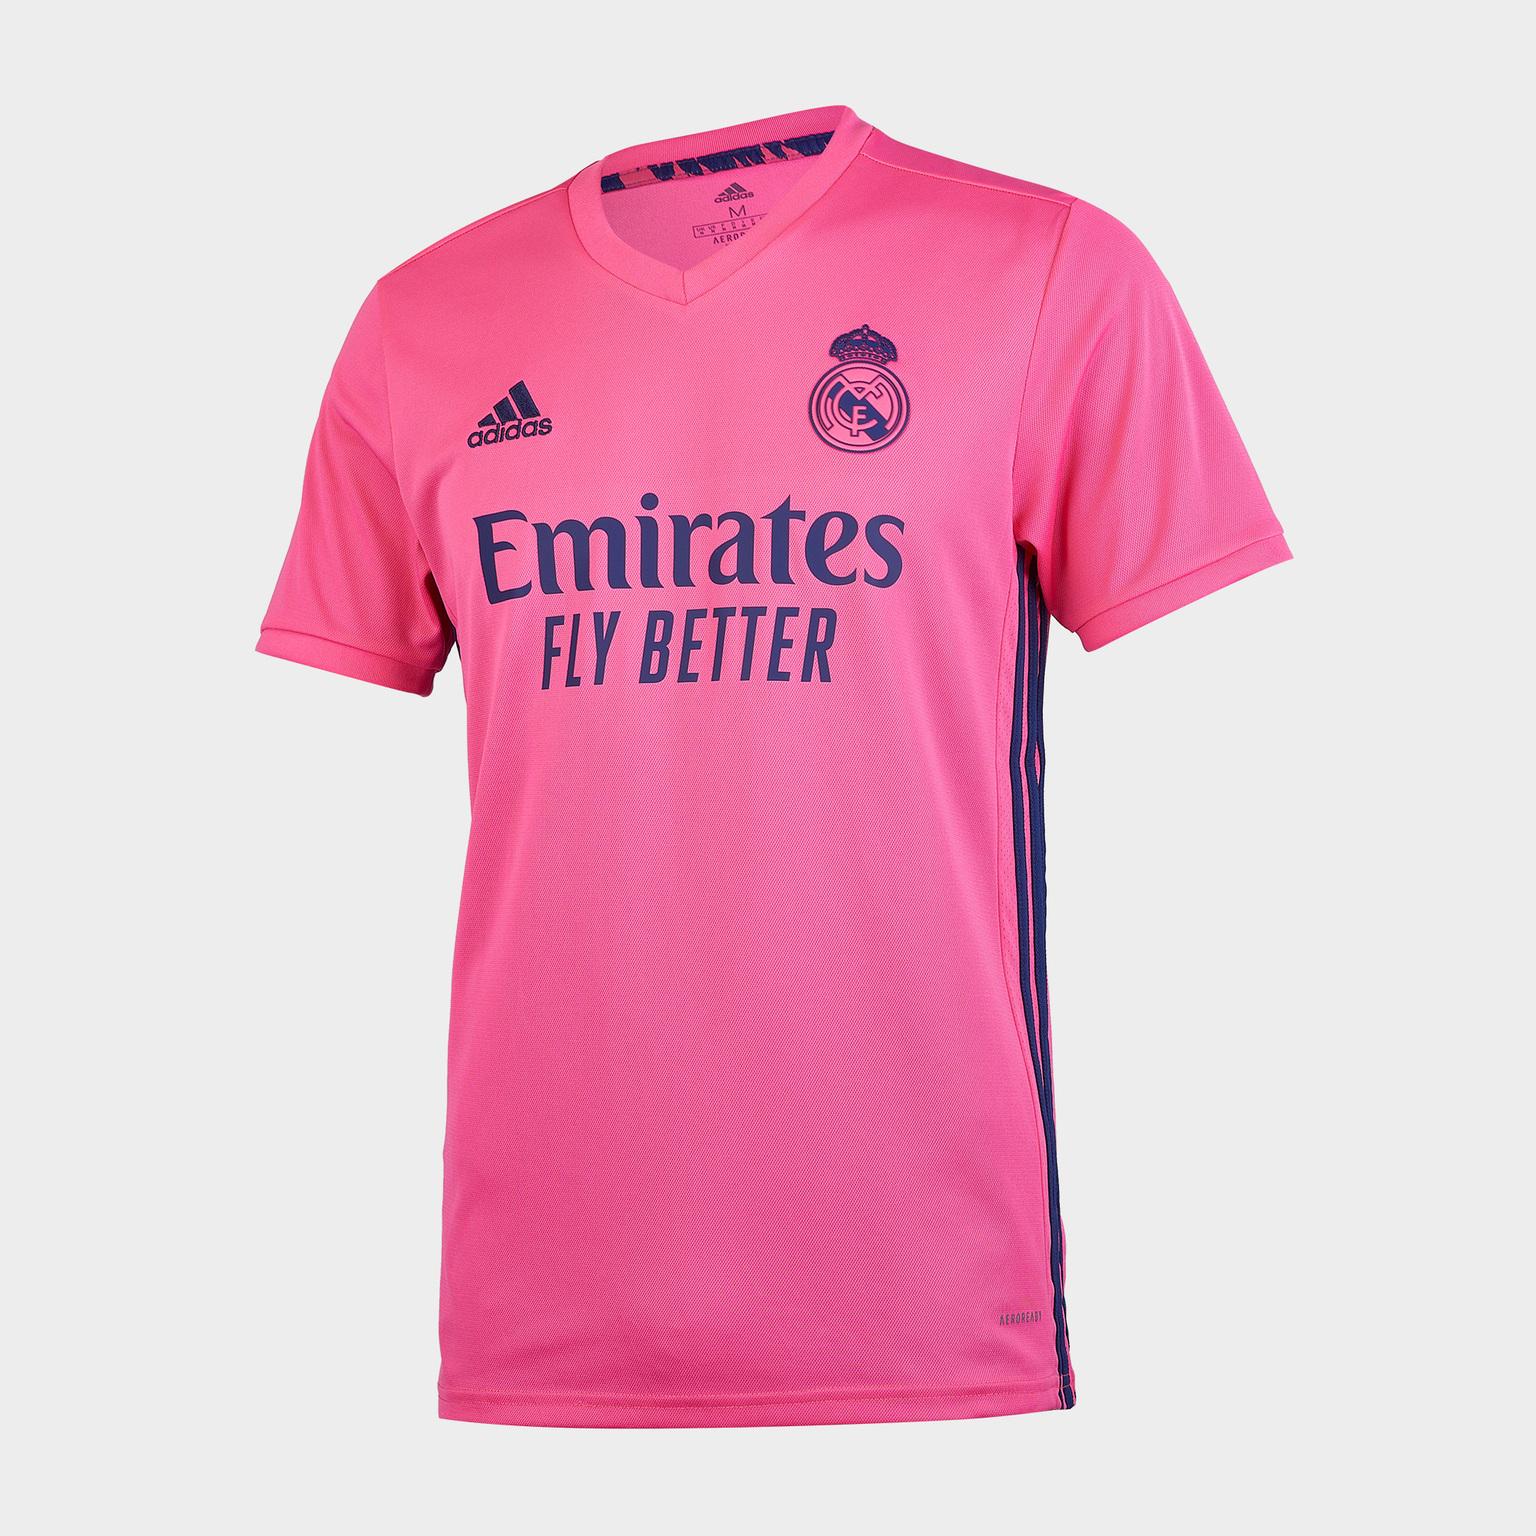 Футболка игровая выездная Adidas Real Madrid сезон 2020/21 шорты тренировочные adidas real madrid сезон 2020 21